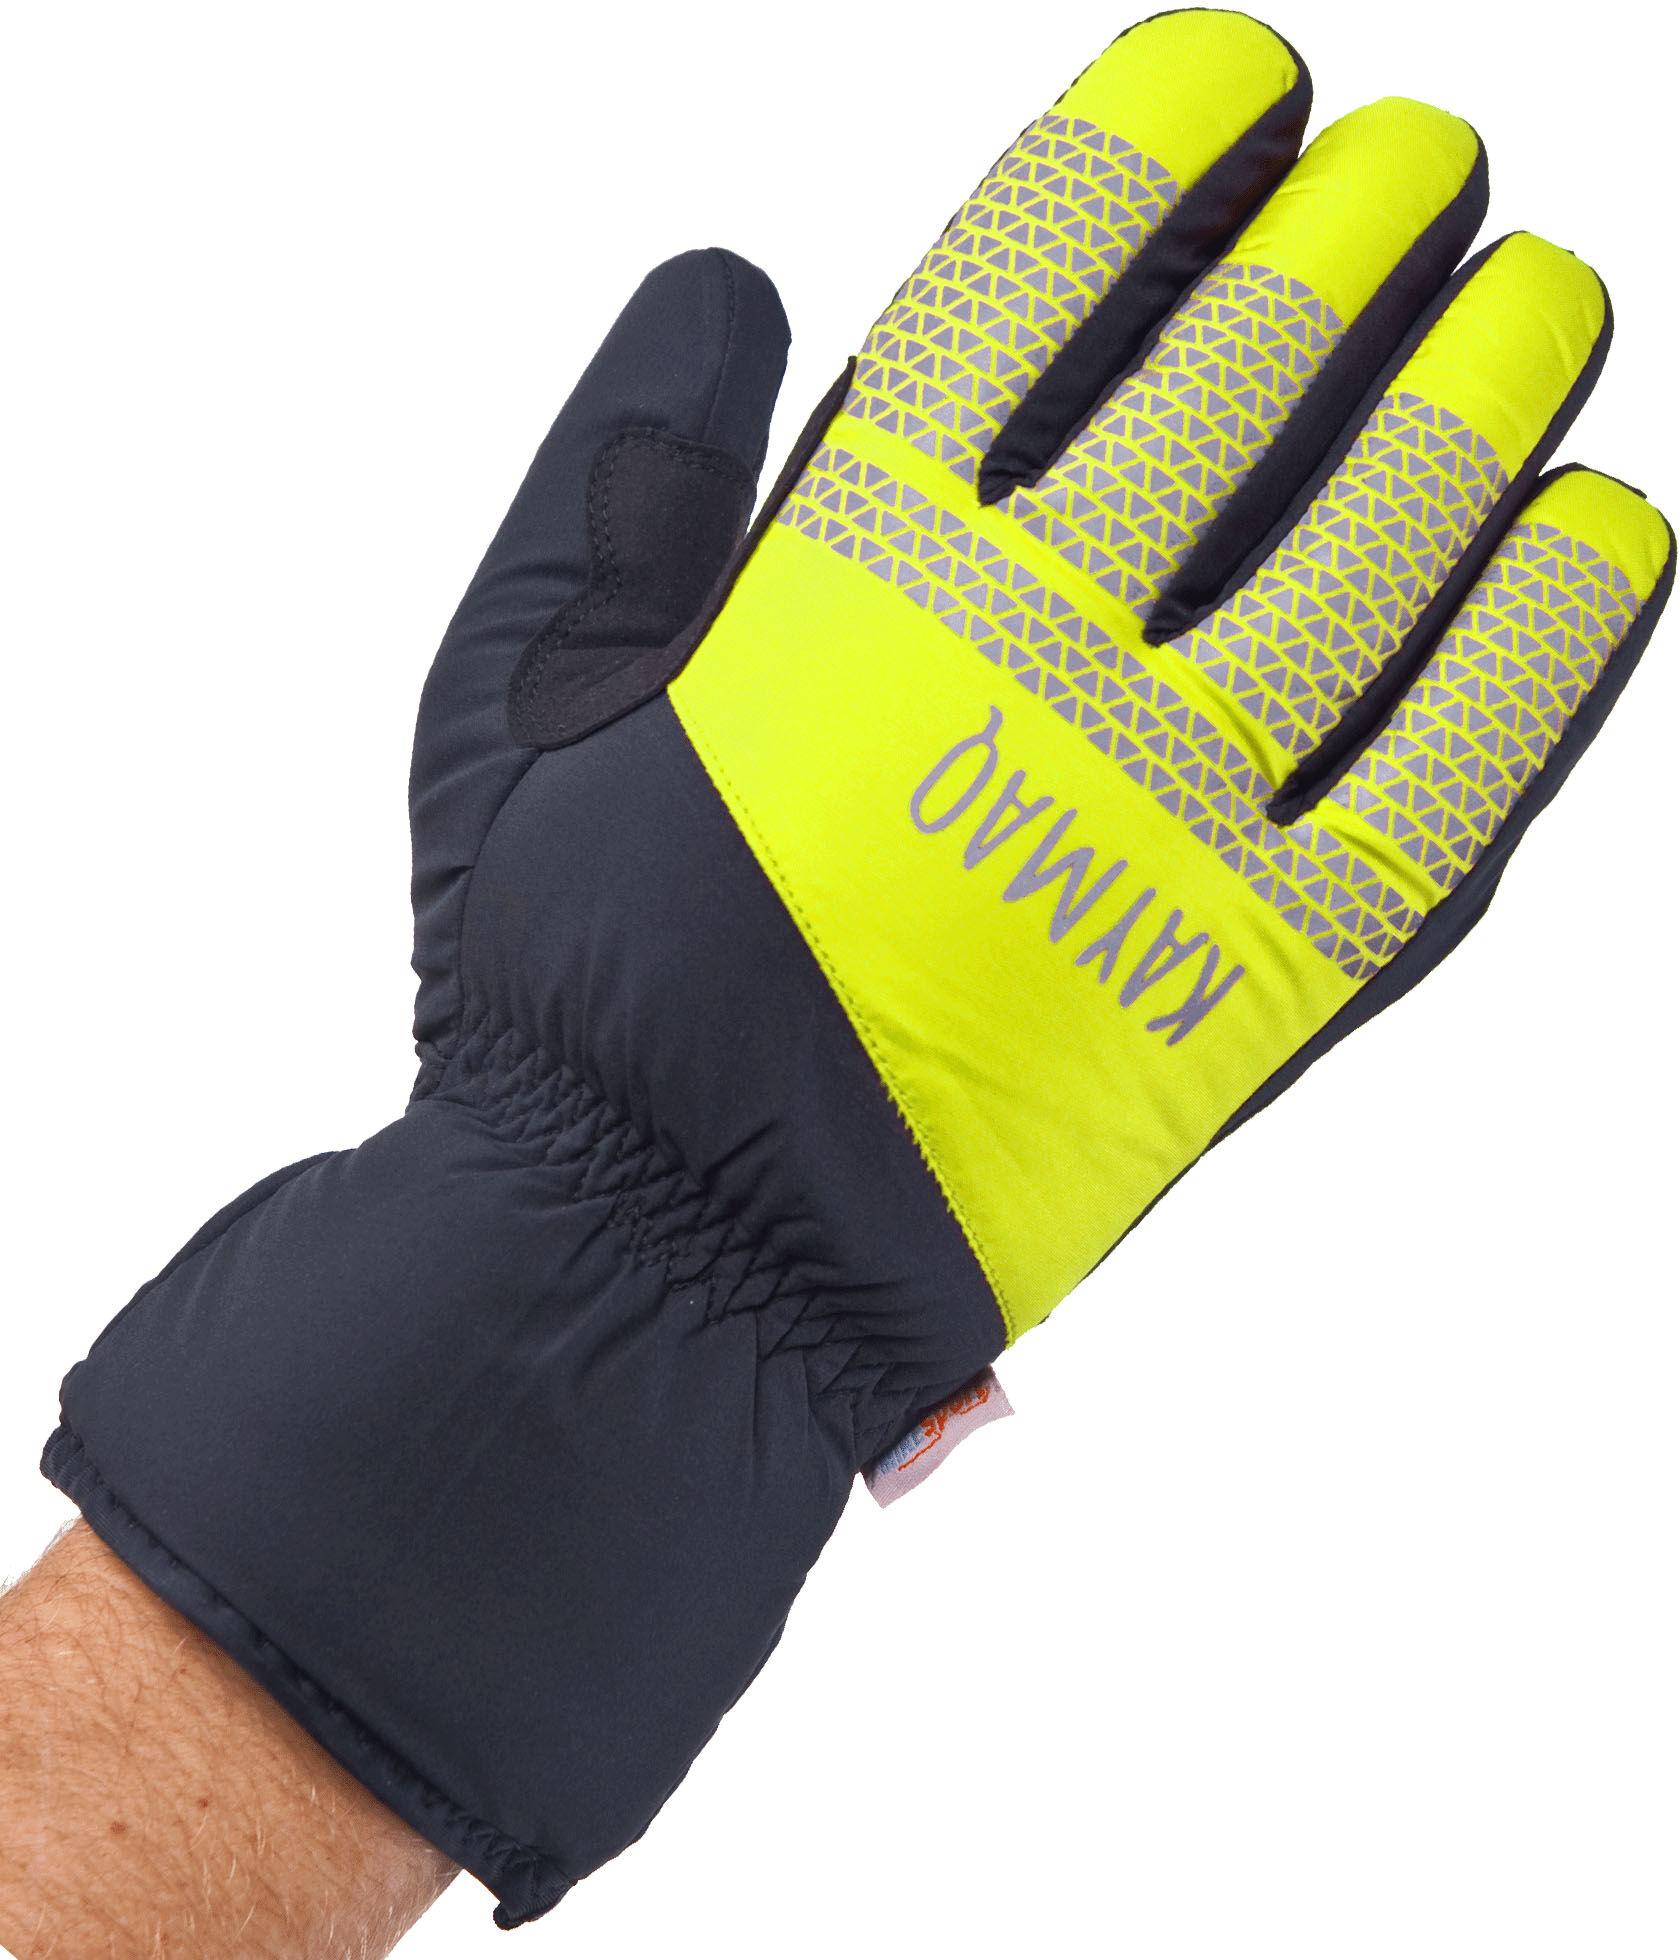 KAYMAQ GLW-002 zimowe rękawiczki rowerowe, czarny-fluor Rozmiar: XL,KaymaqGLW-002blkfluye